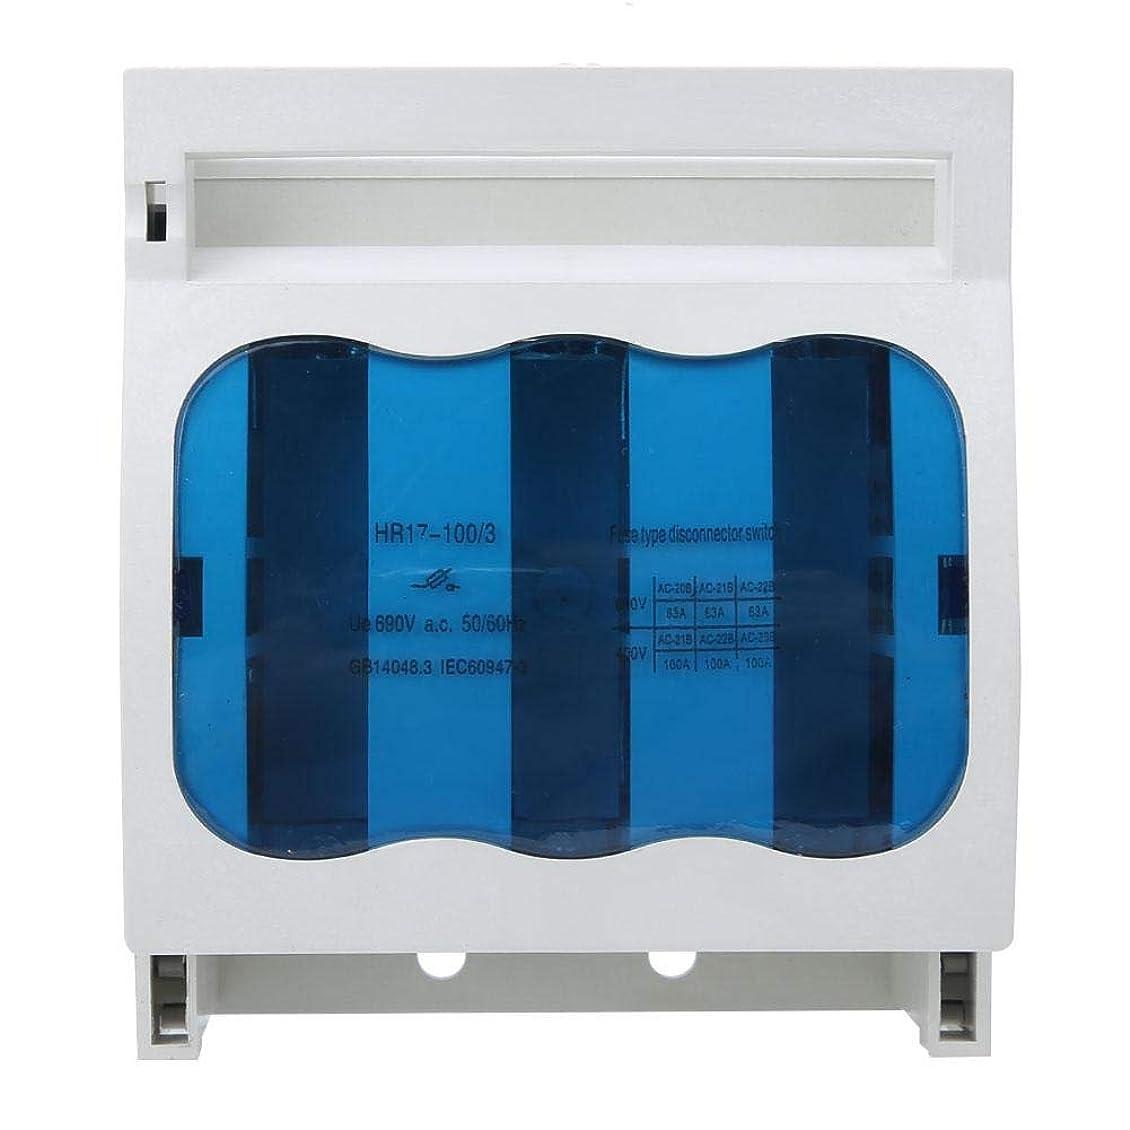 ヒール光電証明するSYF-SYF ヒューズタイプ隔離スイッチ、3極産業ヒューズディススイッチ100A HR17-100 / 30ディス(赤銅) ブレーカ